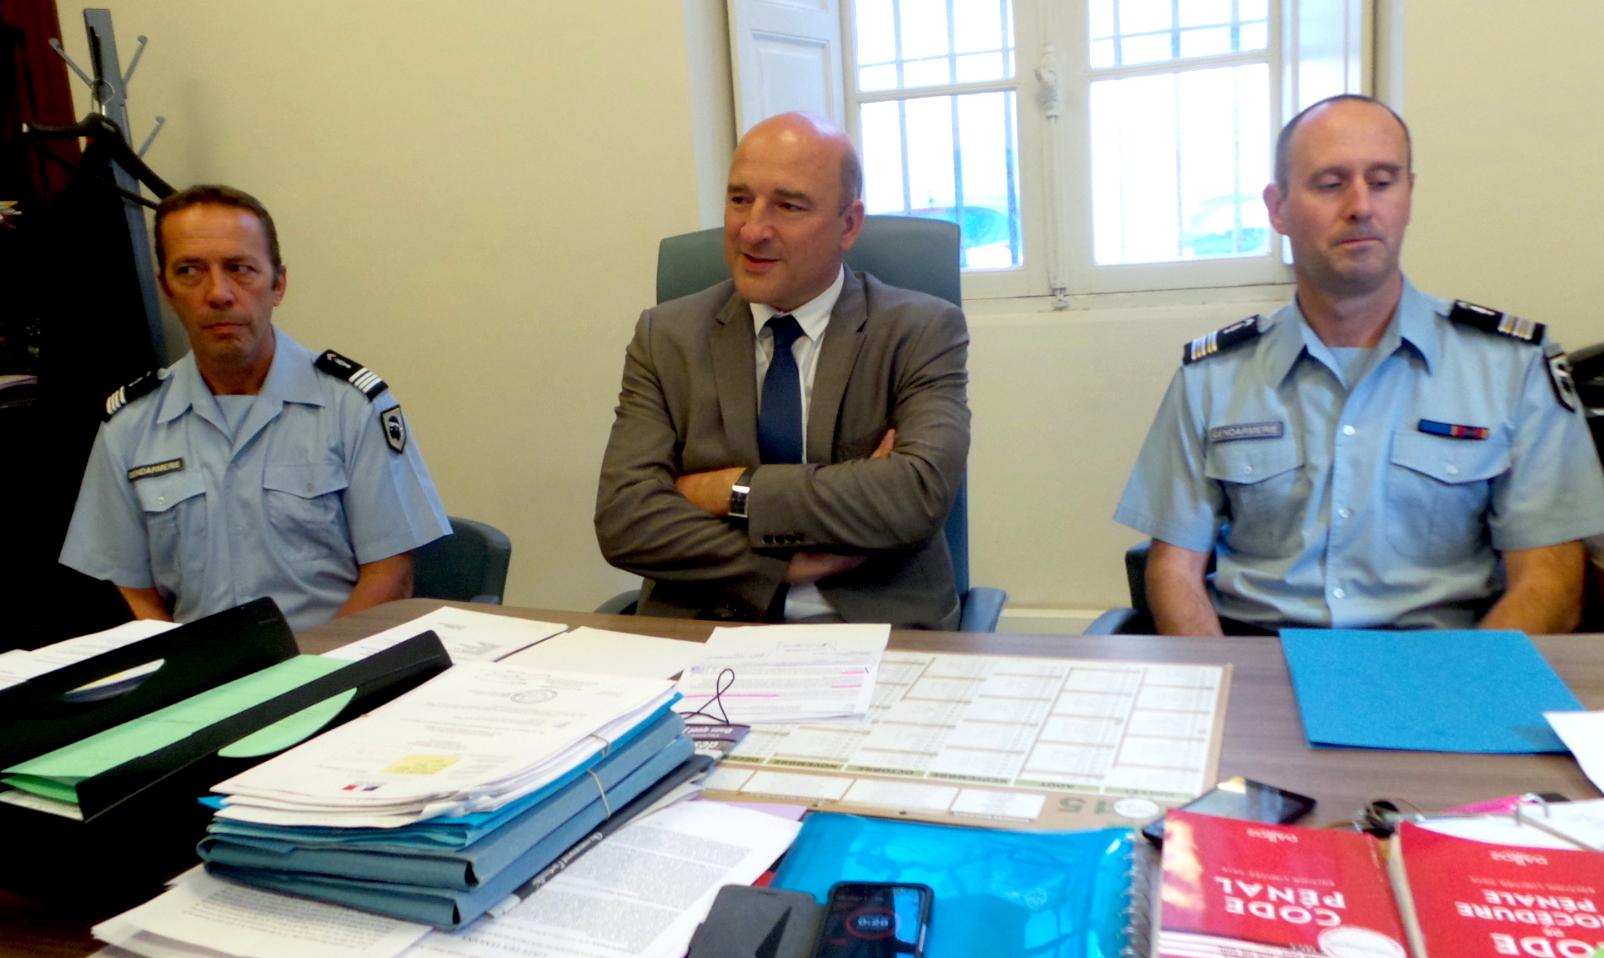 Le commandant Guyomar, chef de l'antenne de la section de recherche de la gendarmerie de Corse, Nicolas Bessone, procureur de la Republique et le Lieutenant-colonel Demesy, commandant du groupement de gendarmerie de Haute-Corse